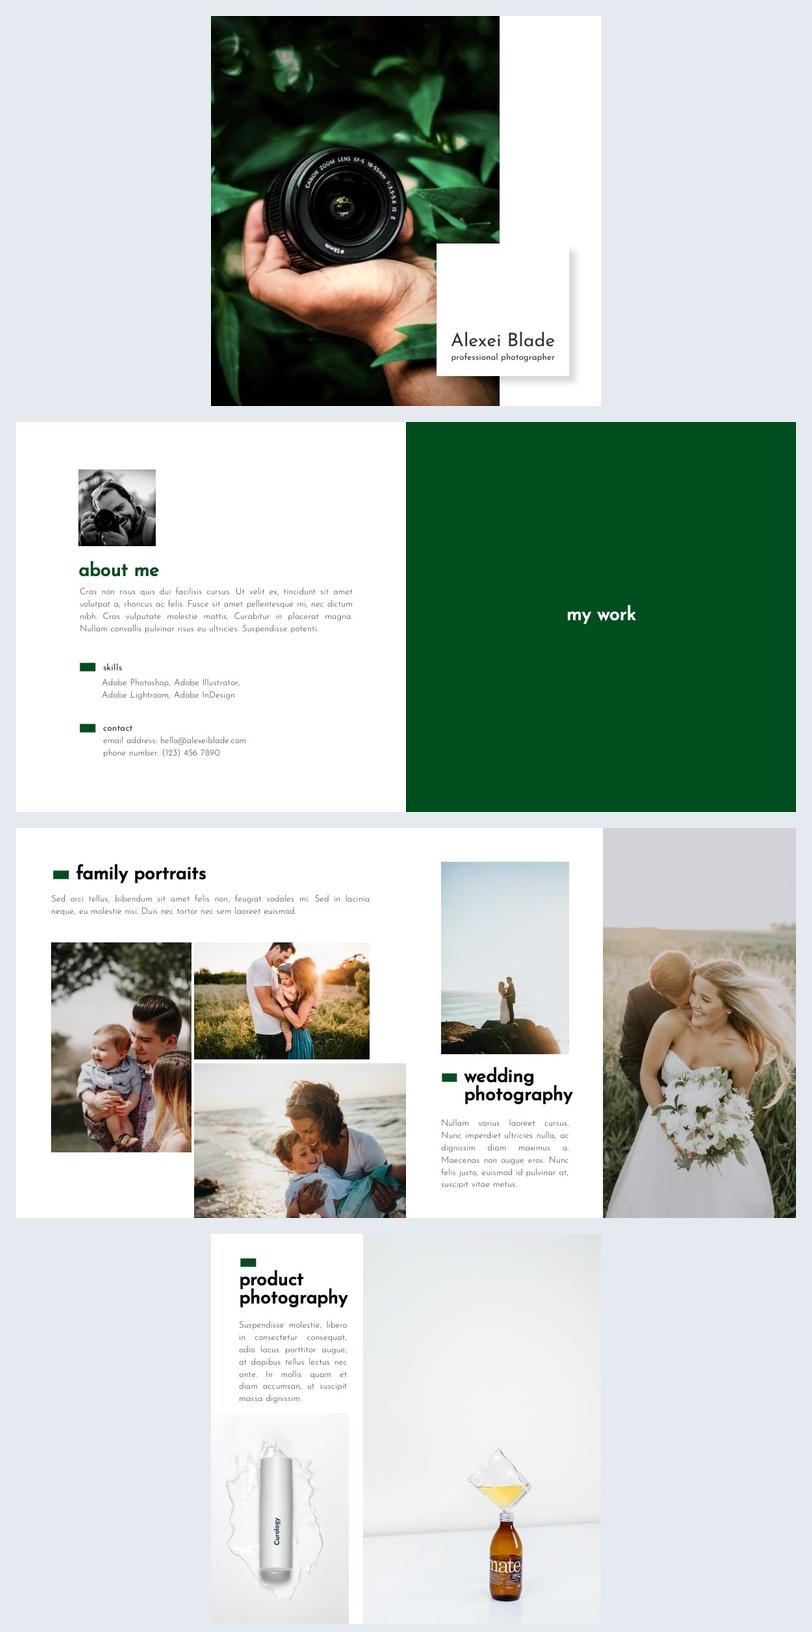 Plantilla para diseño de portafolio de fotografía digital